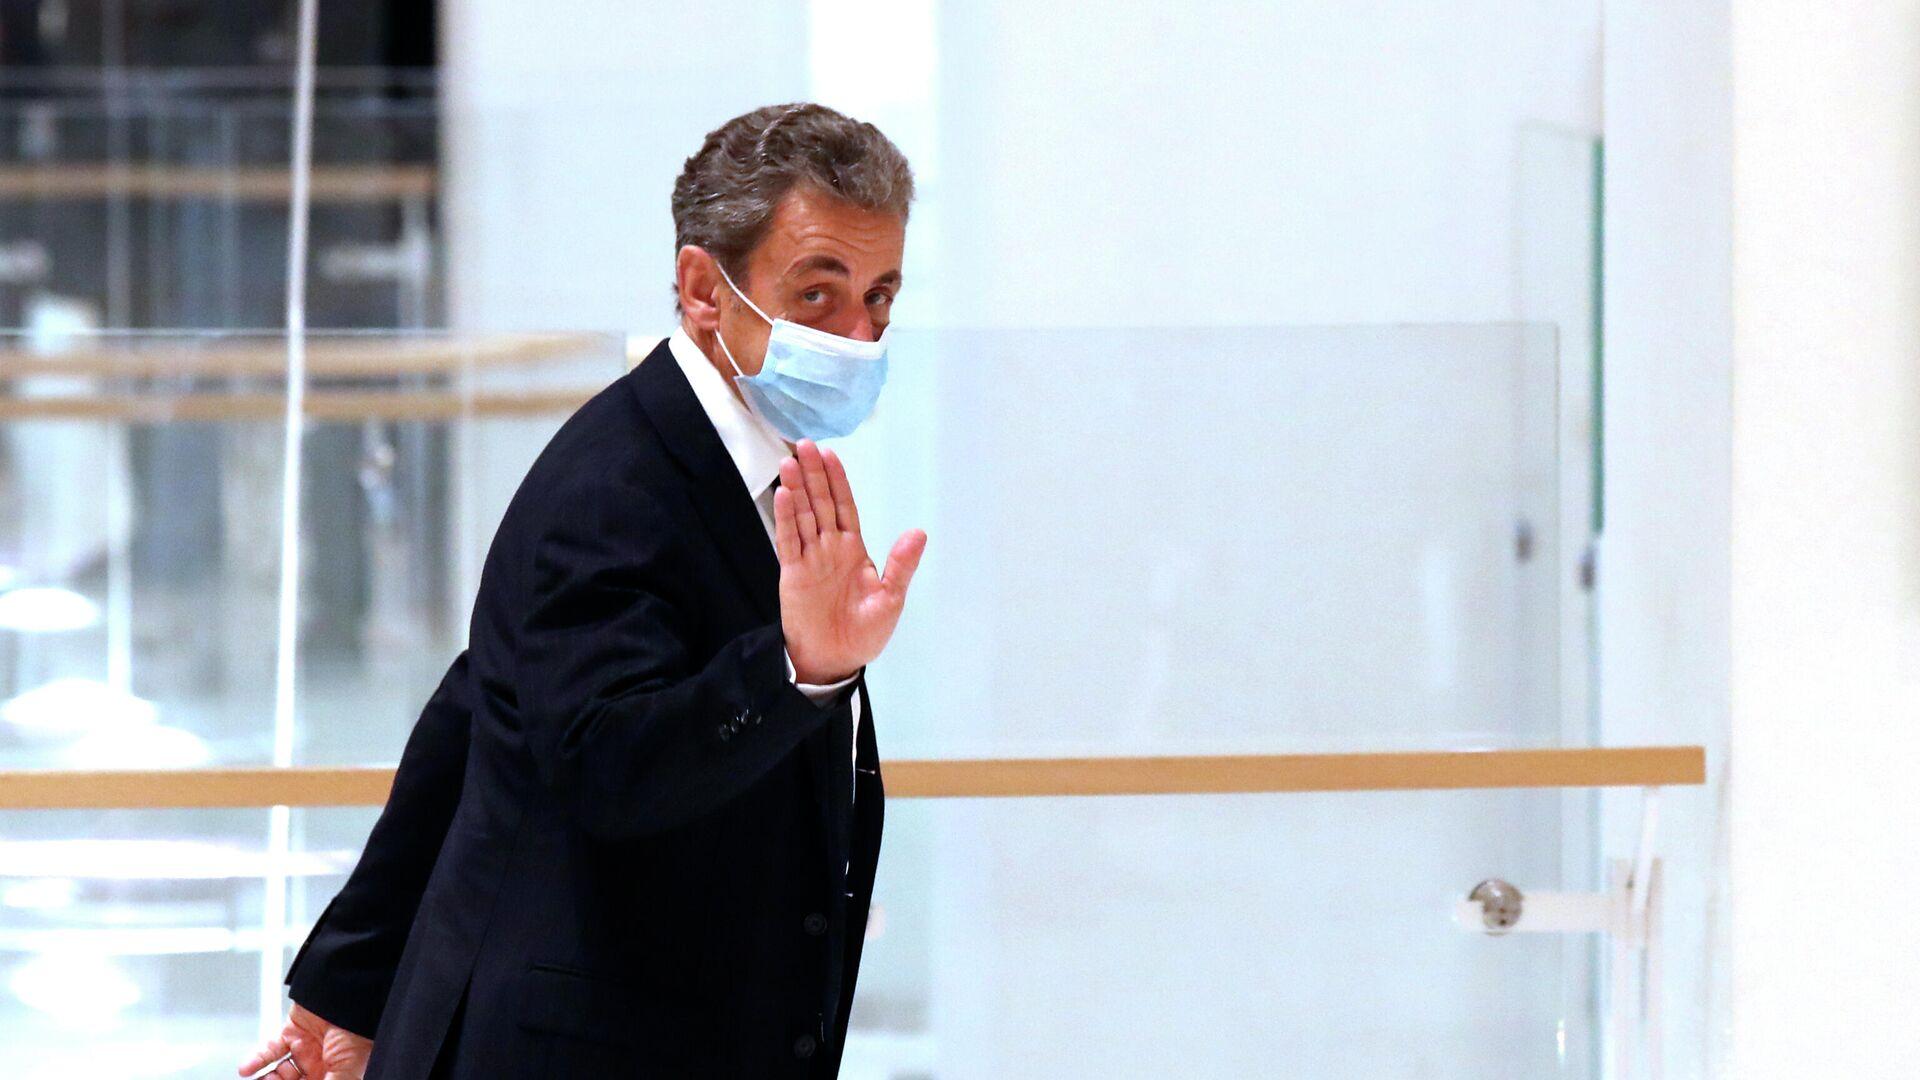 Бывший президент Франции Николя Саркози в здании суда - РИА Новости, 1920, 30.11.2020